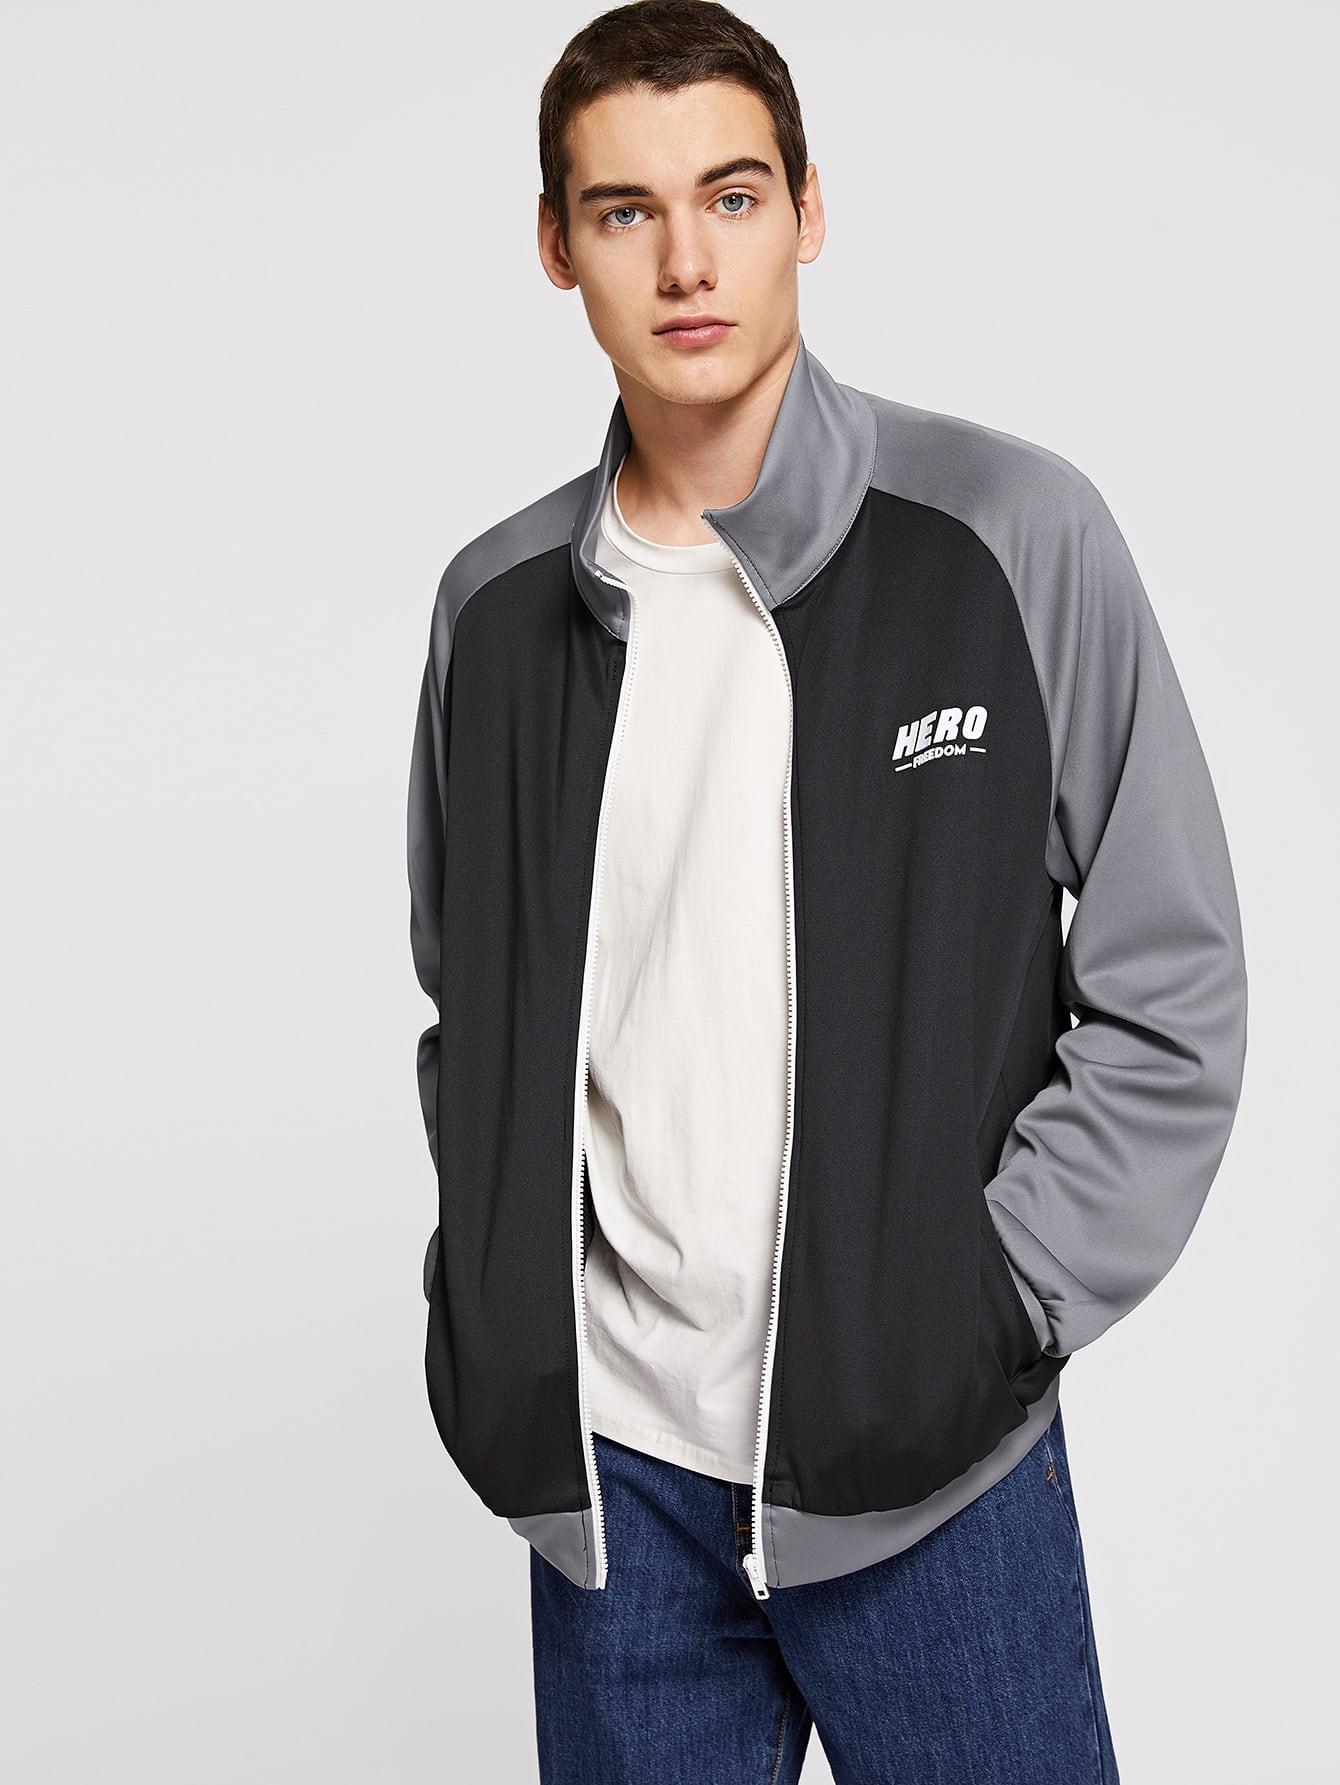 Купить Мужская двухцветная куртка с текстовым принтом, Misha, SheIn